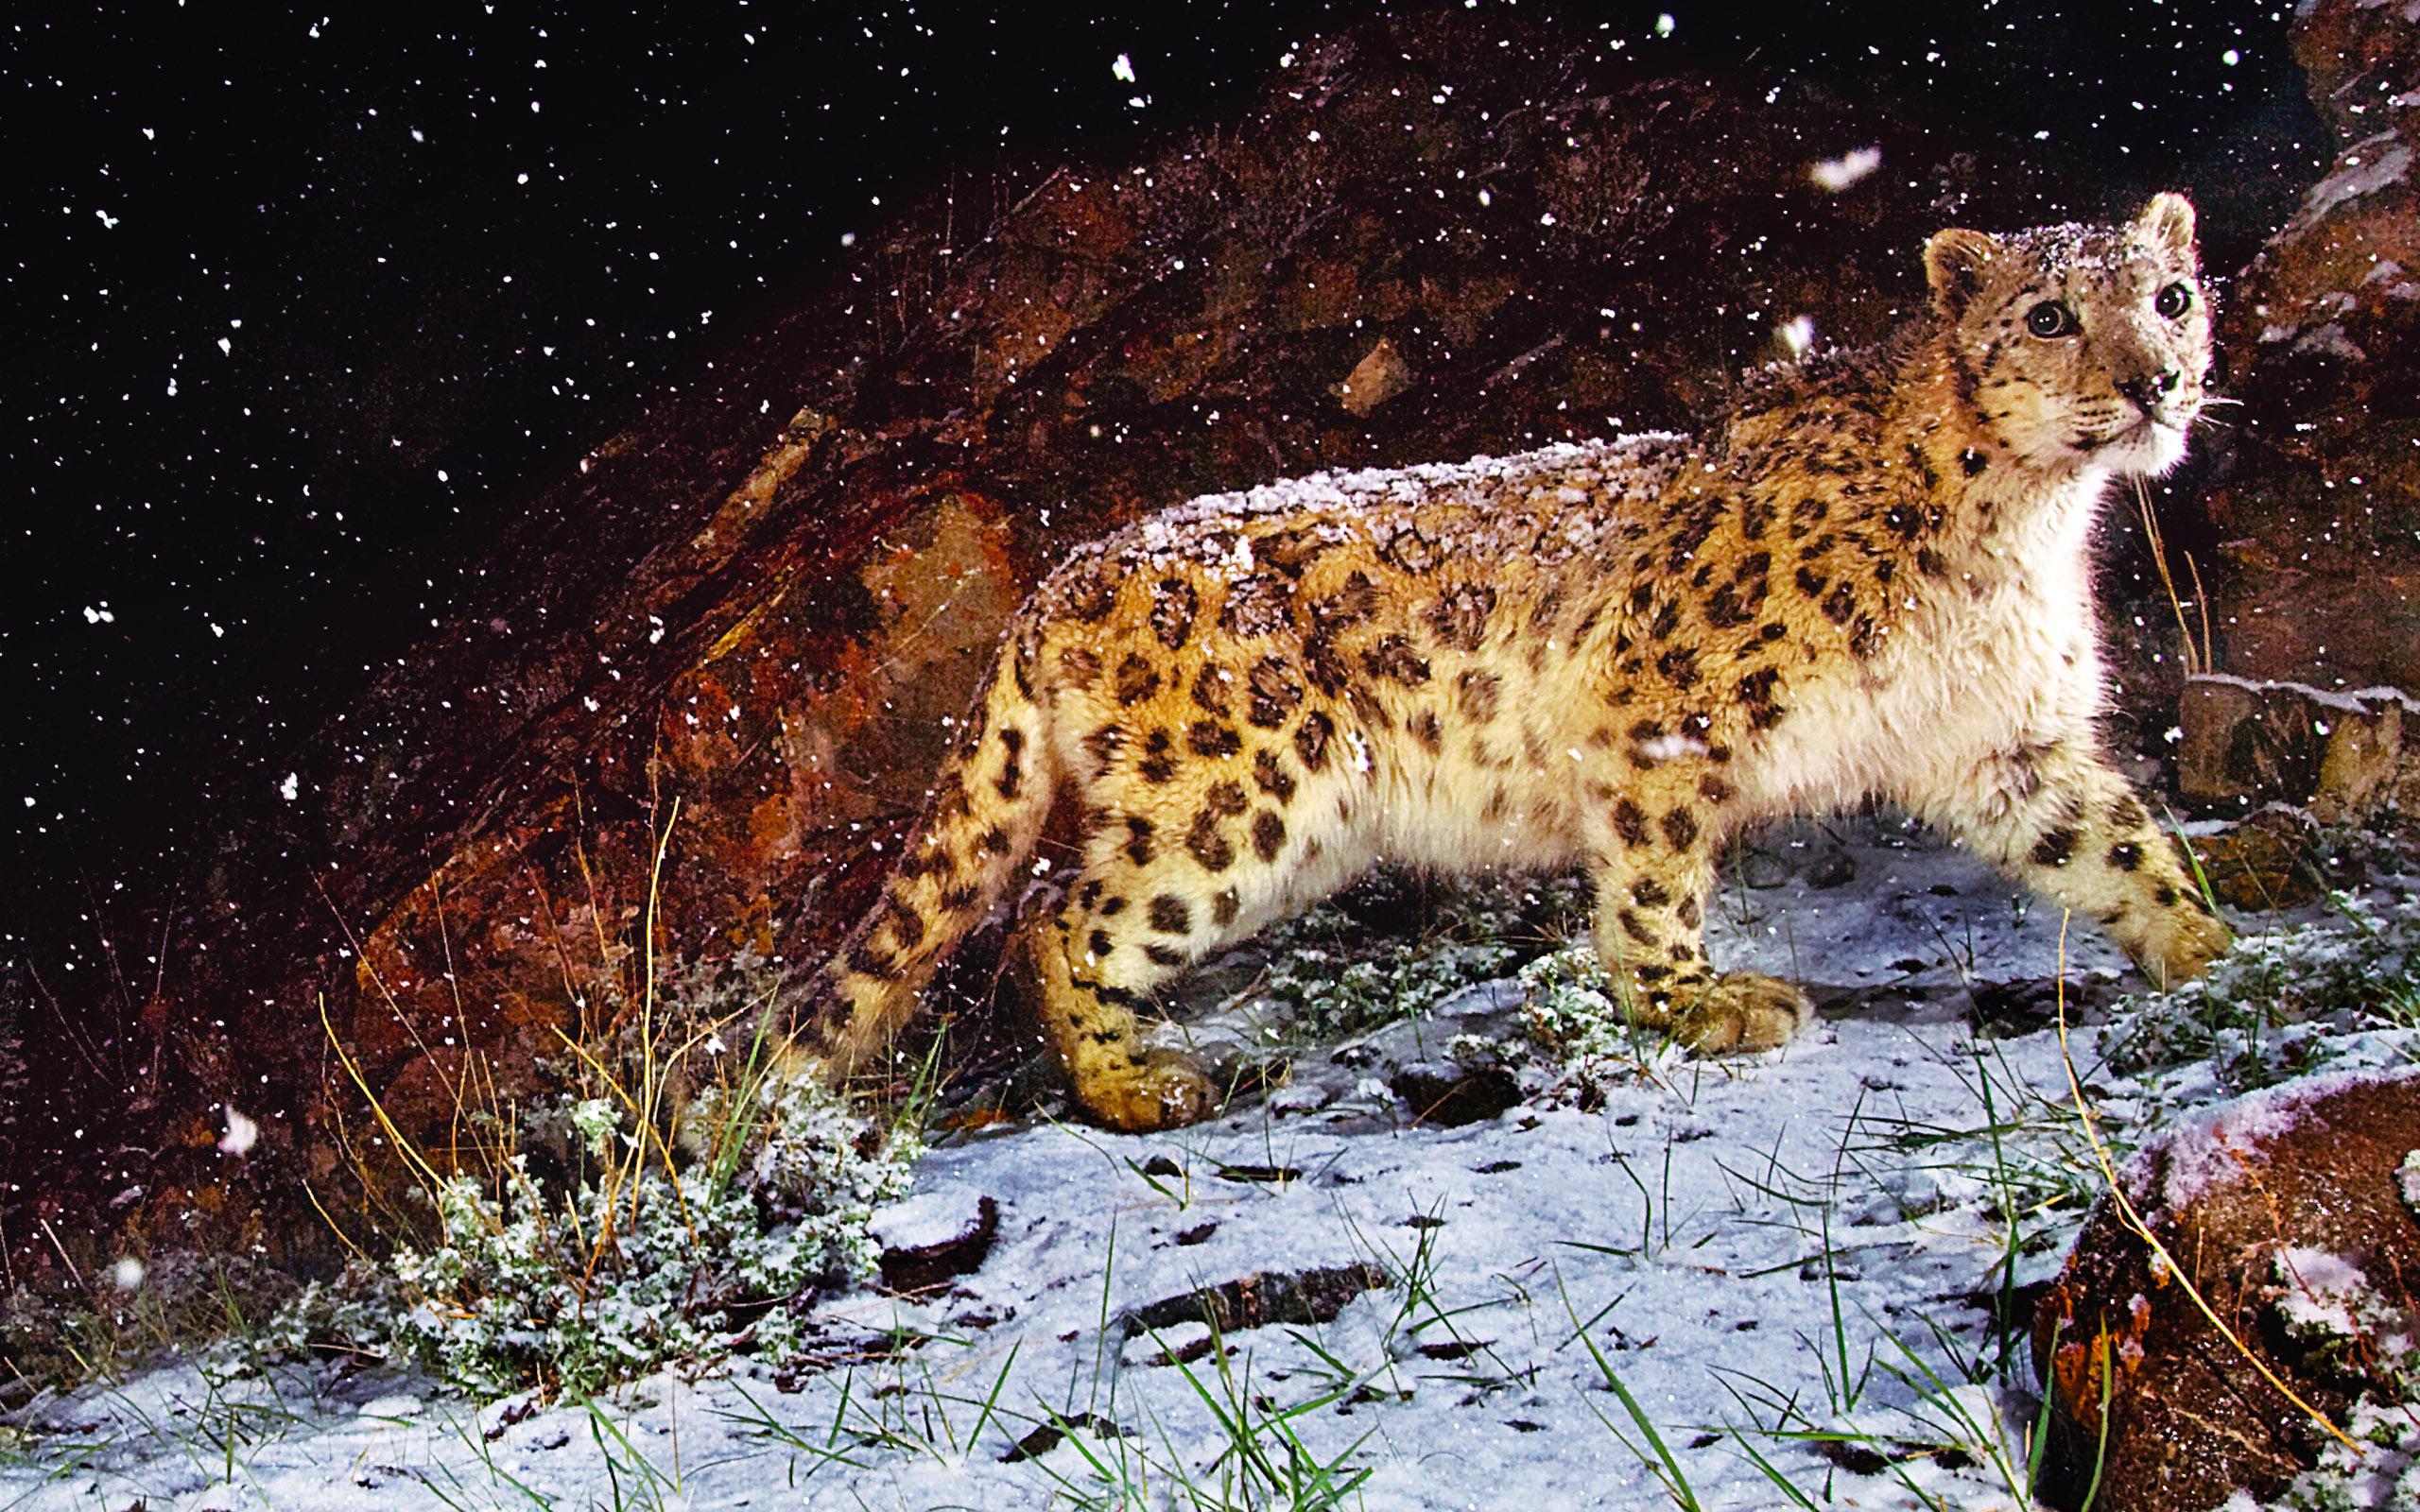 природа животные снег зима ягуар загрузить